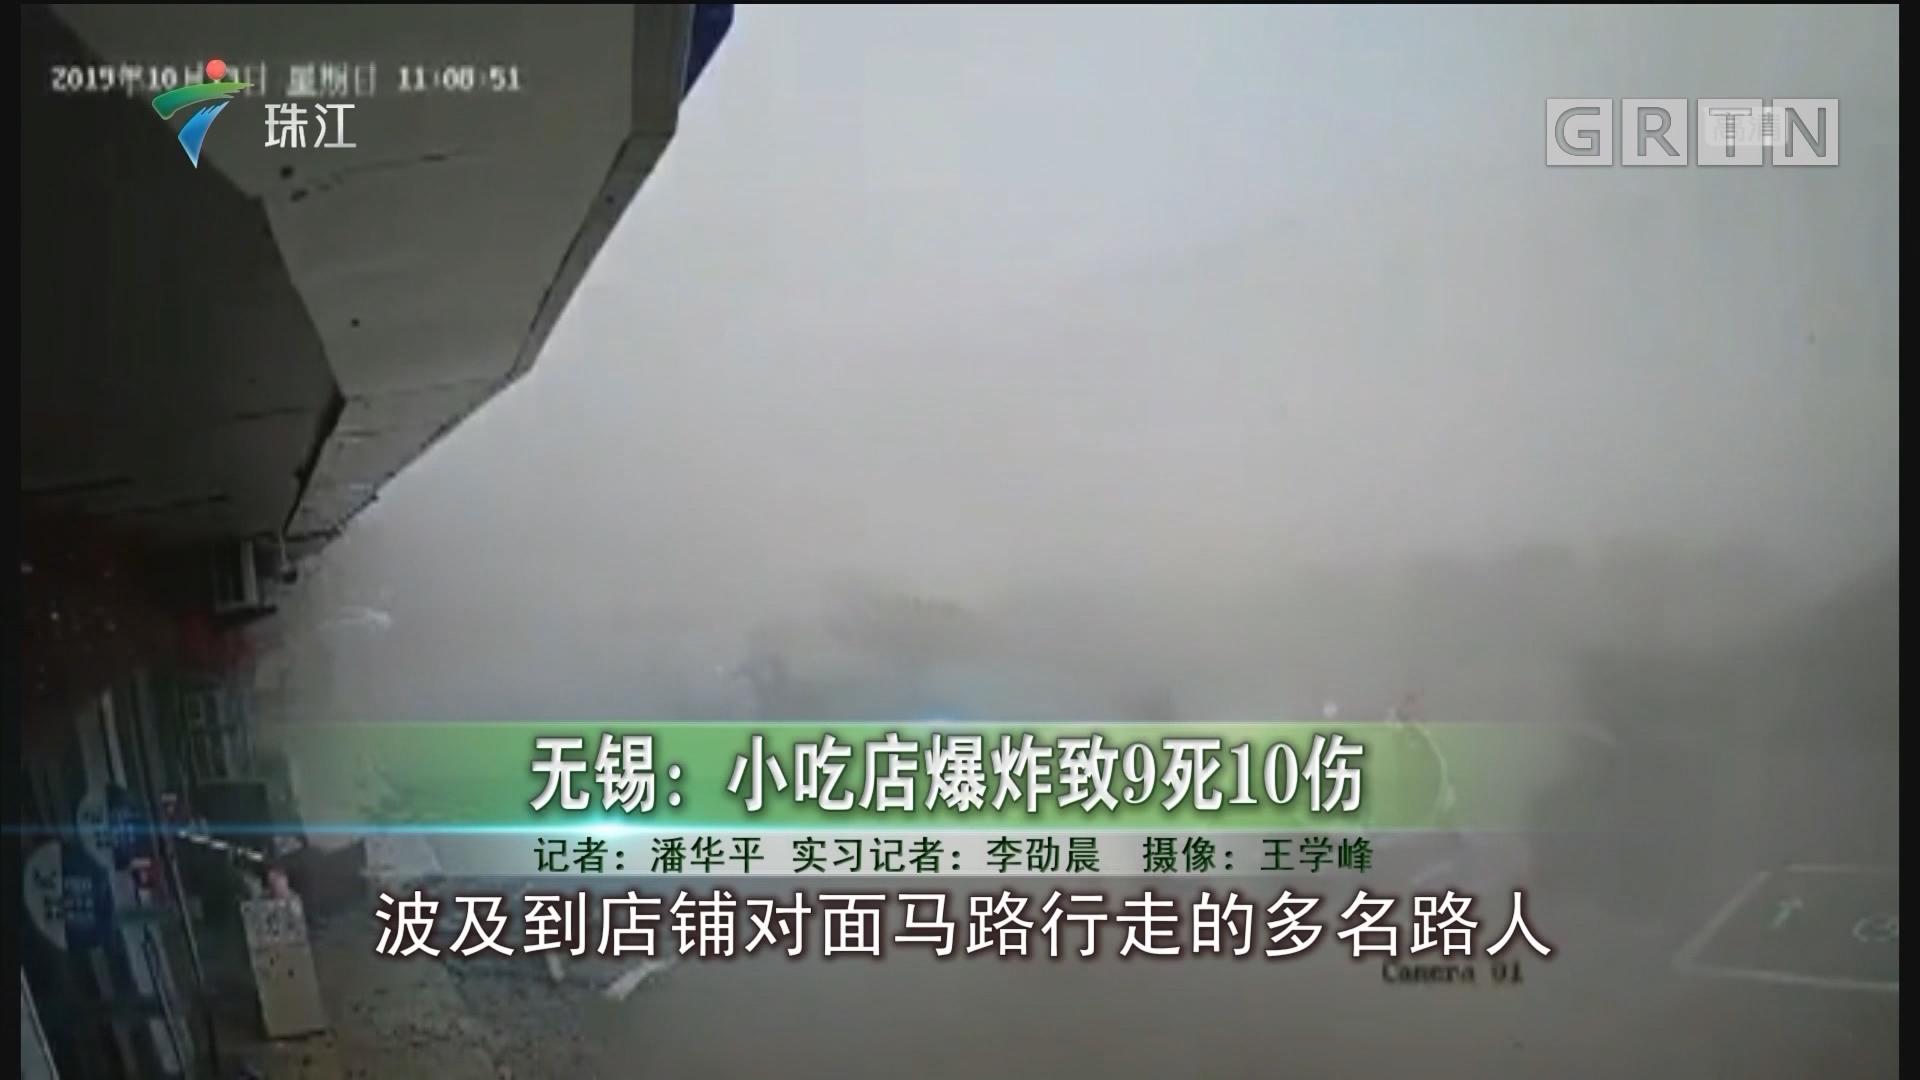 無錫:小吃店爆炸致9死10傷